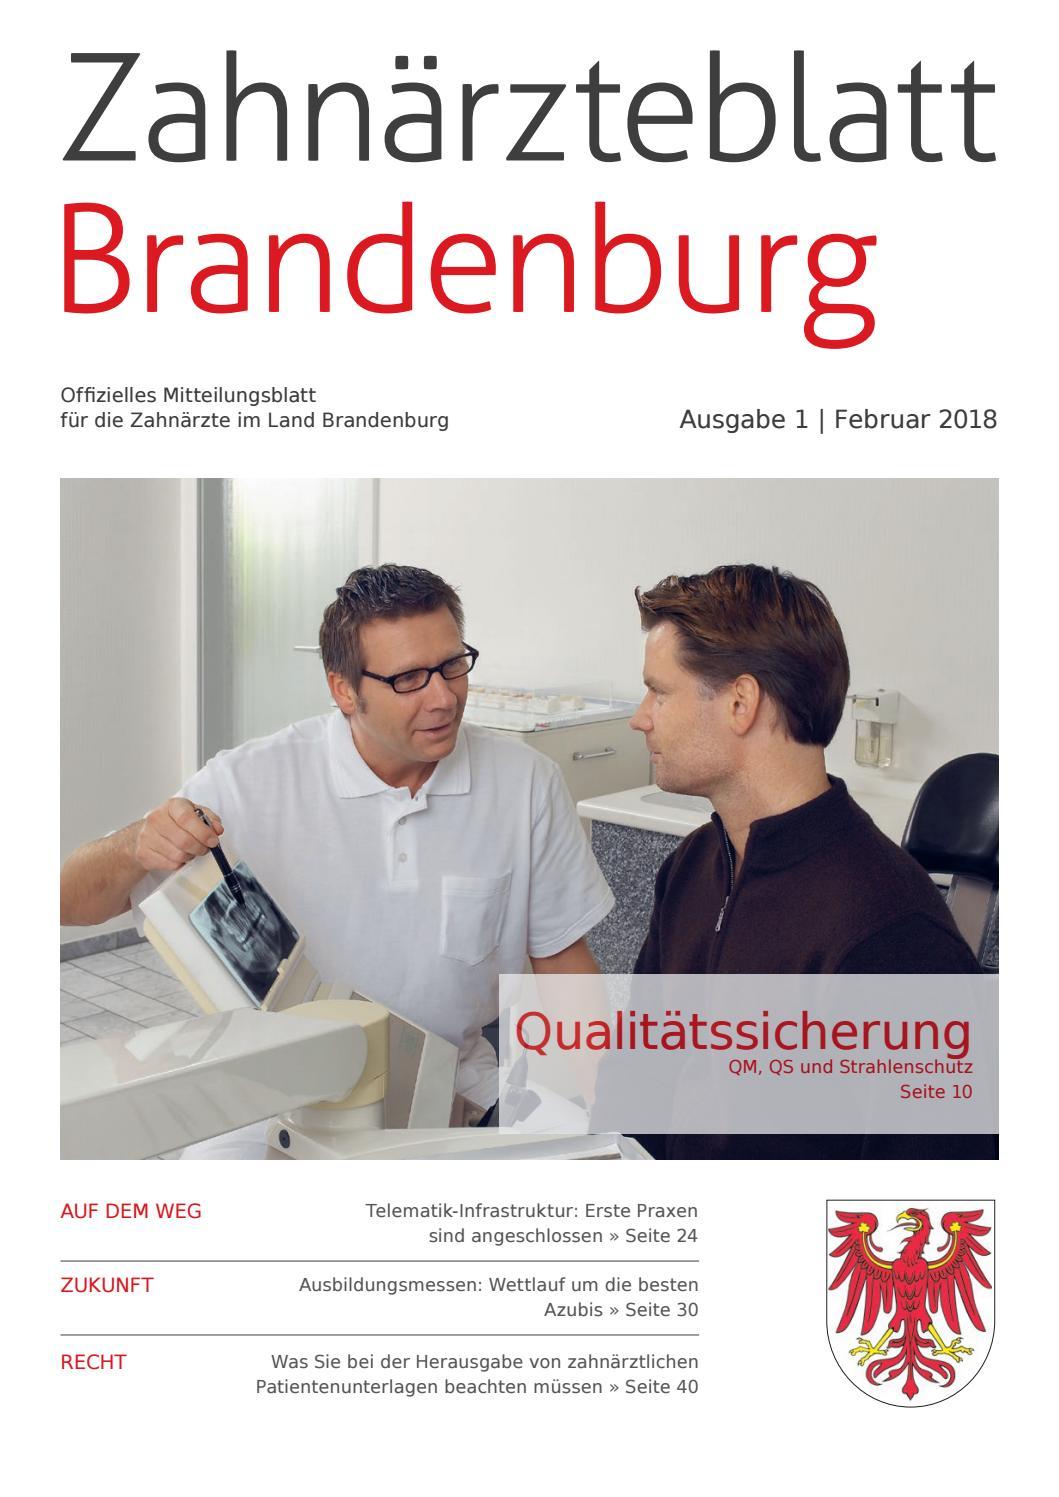 Charmant Medizinische Empfangsdame Job Aufgaben Fortsetzen ...